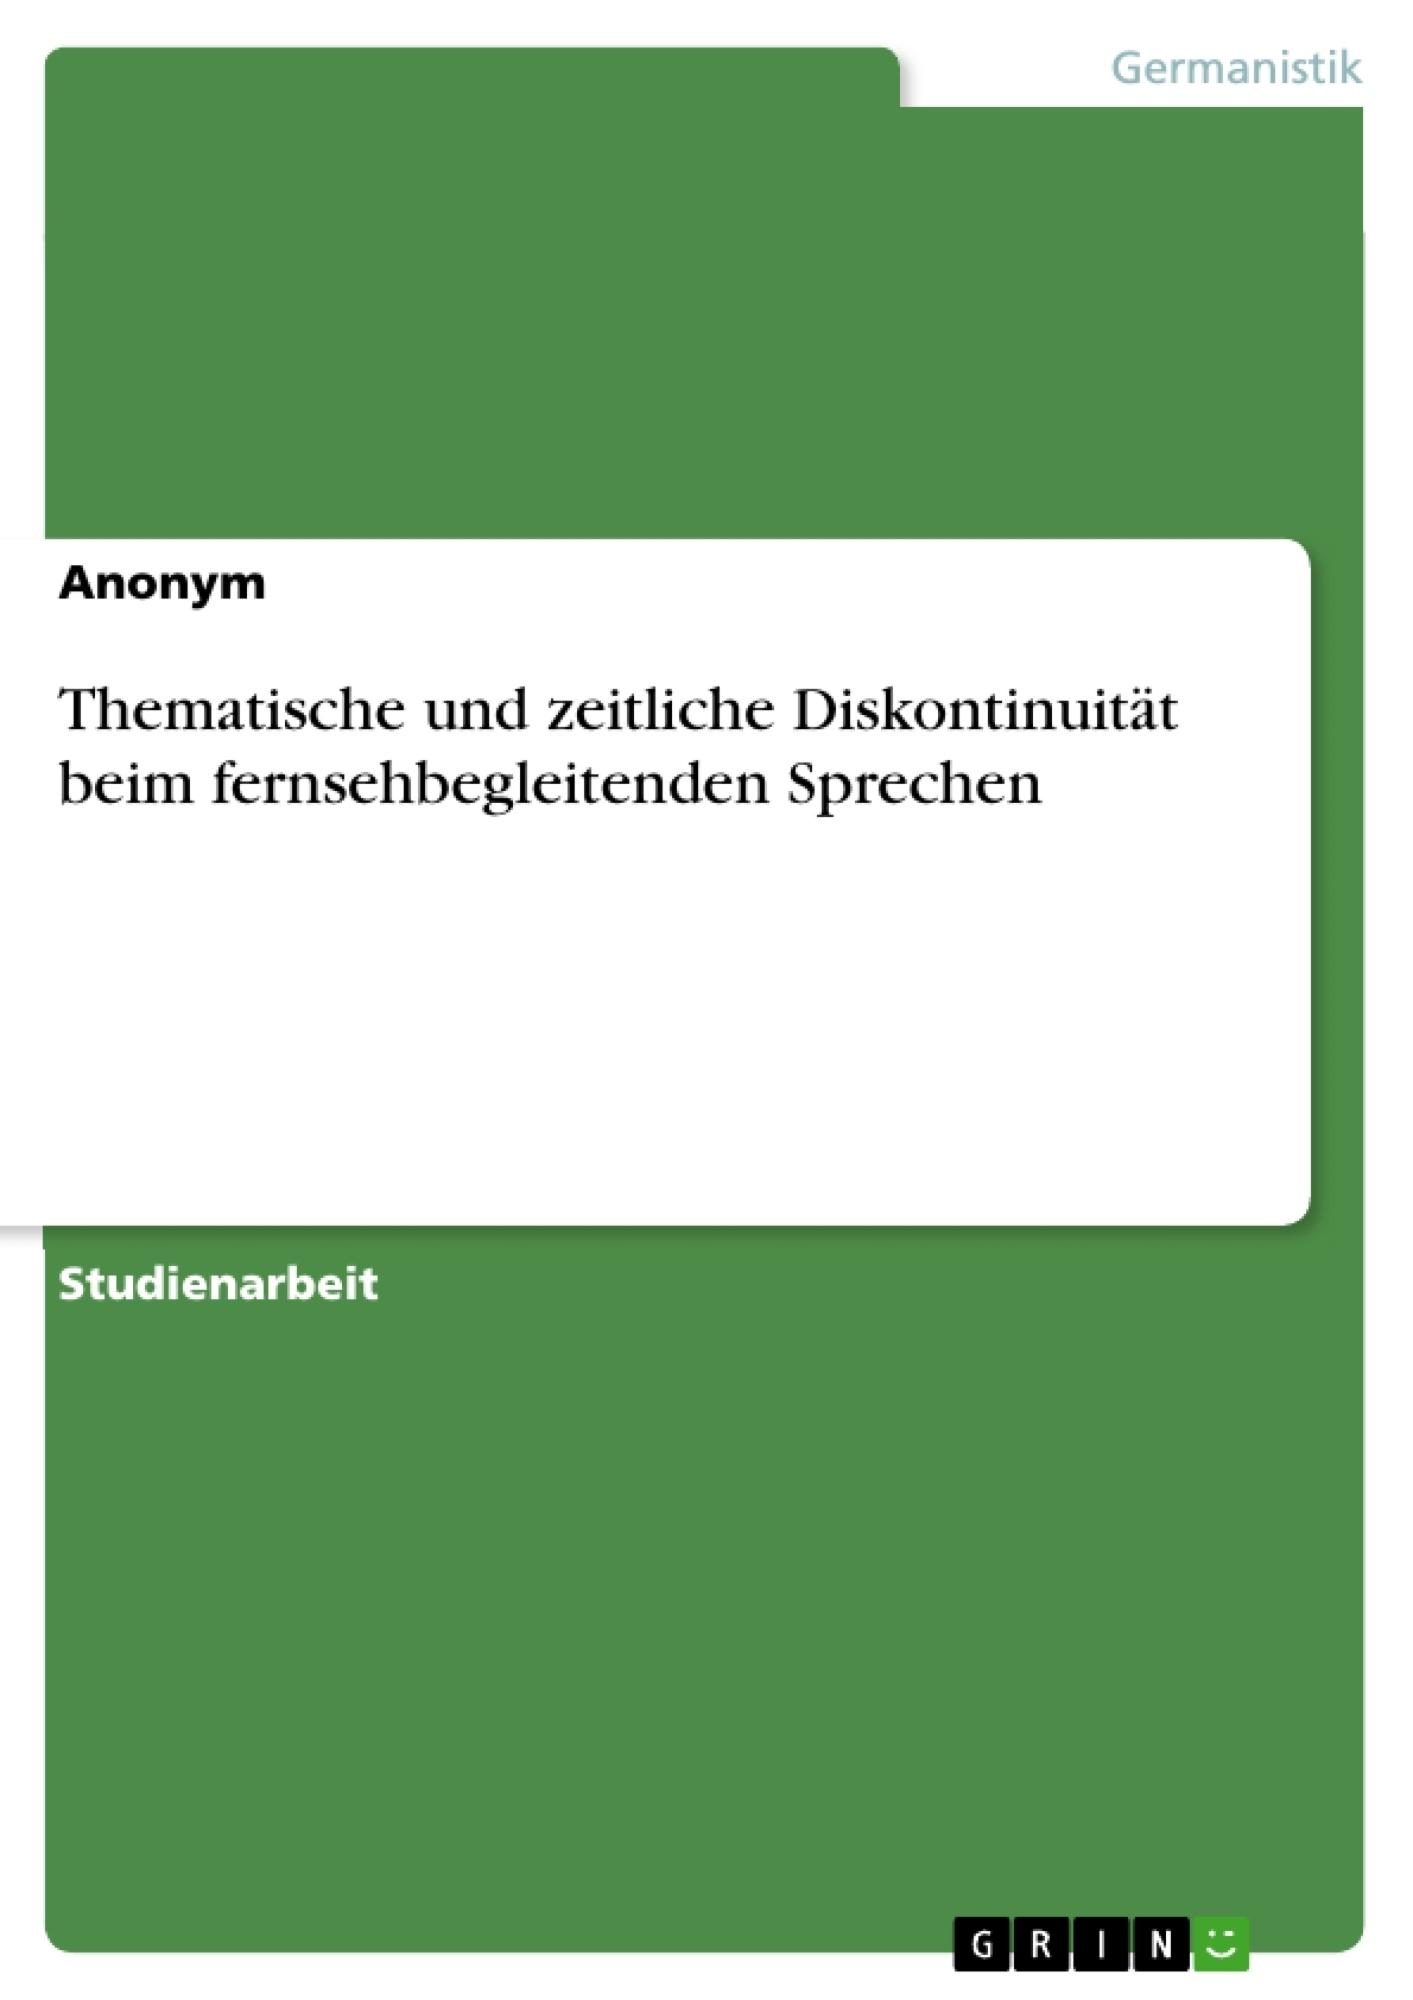 Titel: Thematische und zeitliche Diskontinuität beim fernsehbegleitenden Sprechen